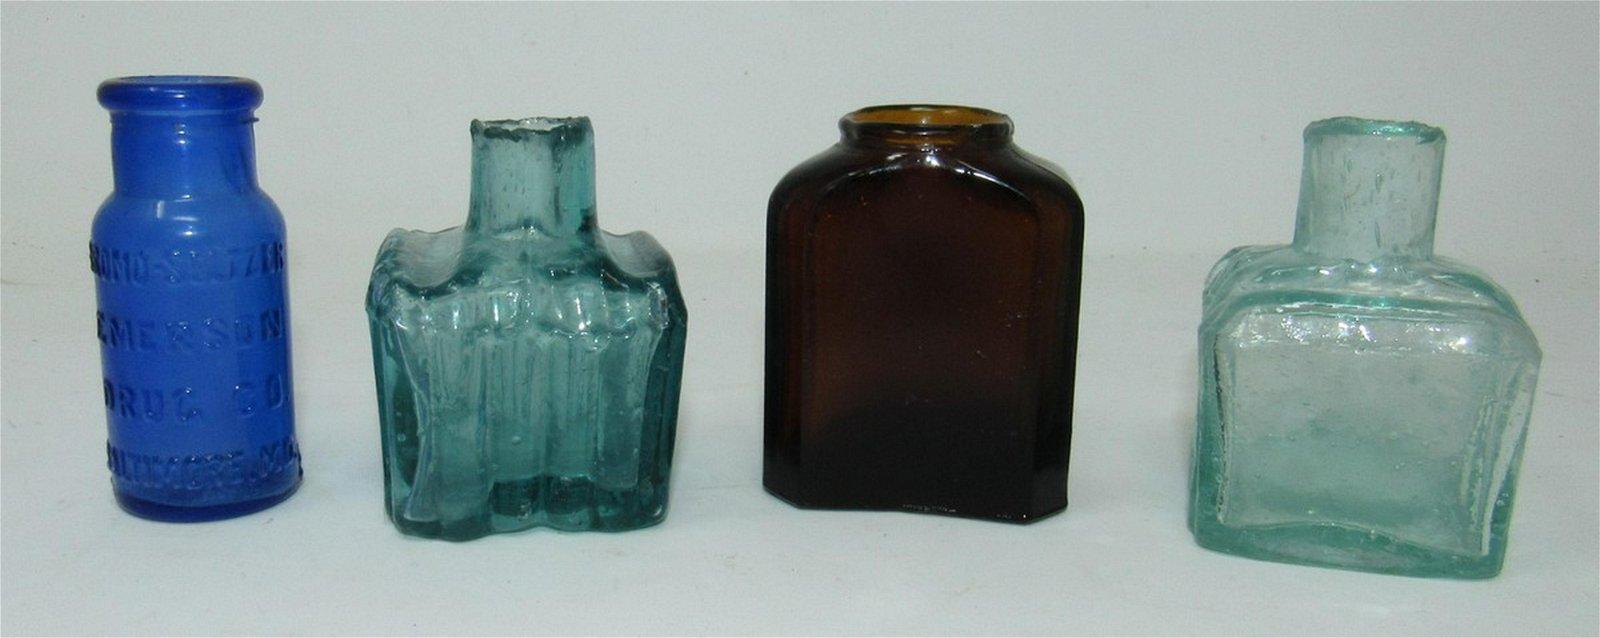 Ink and Drug Bottles